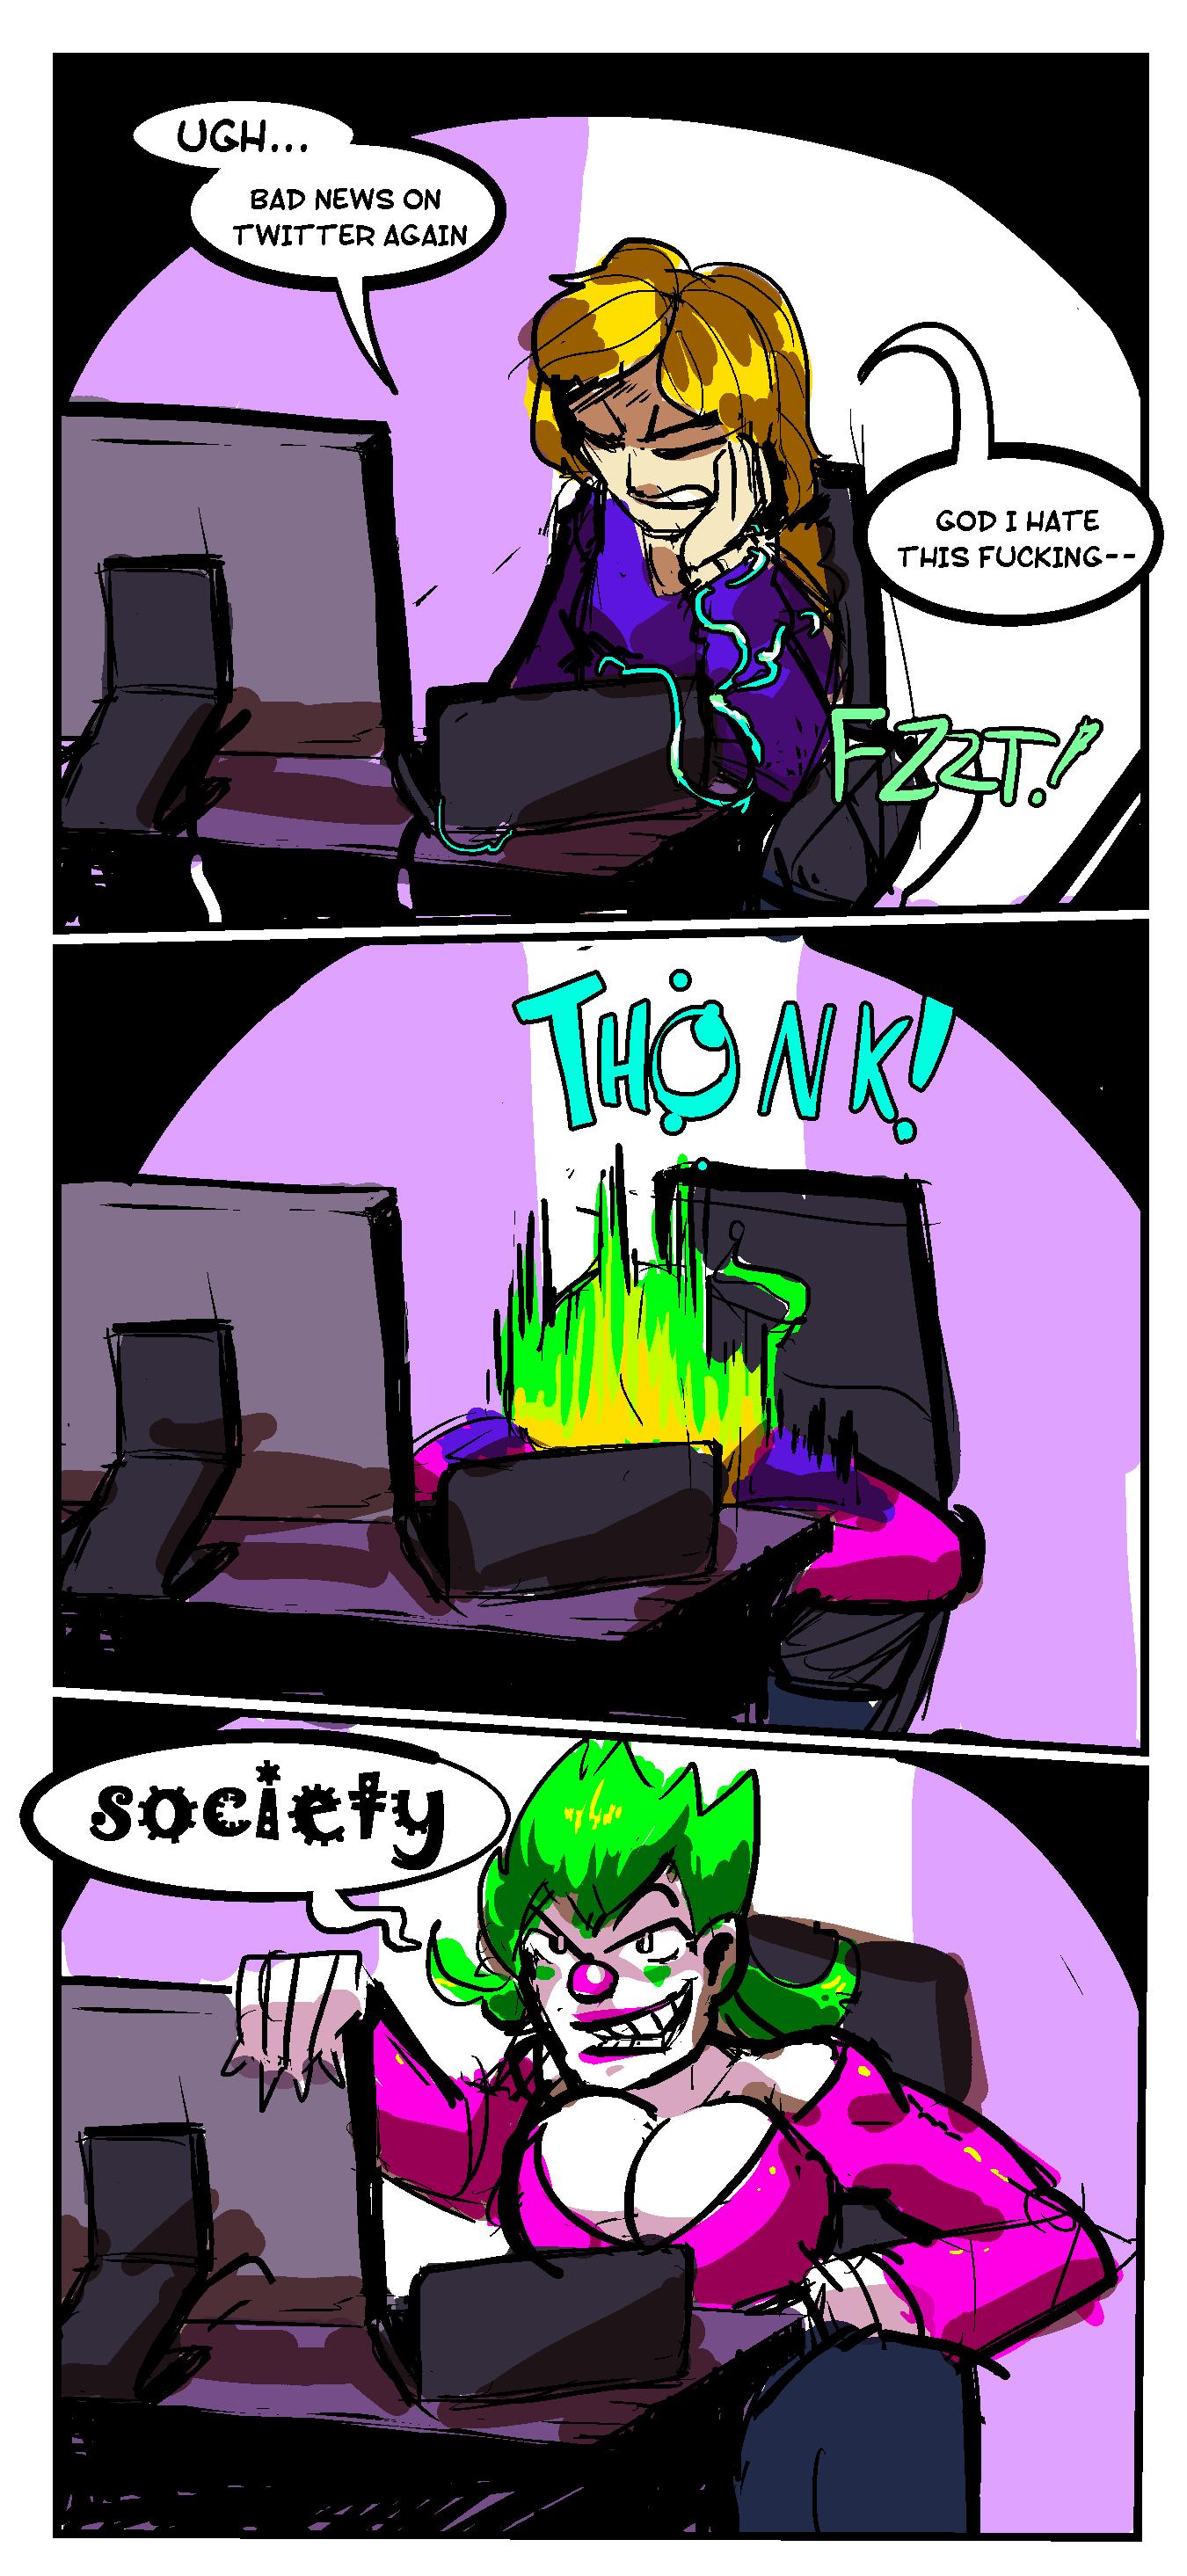 [COMIC] Jokerfication